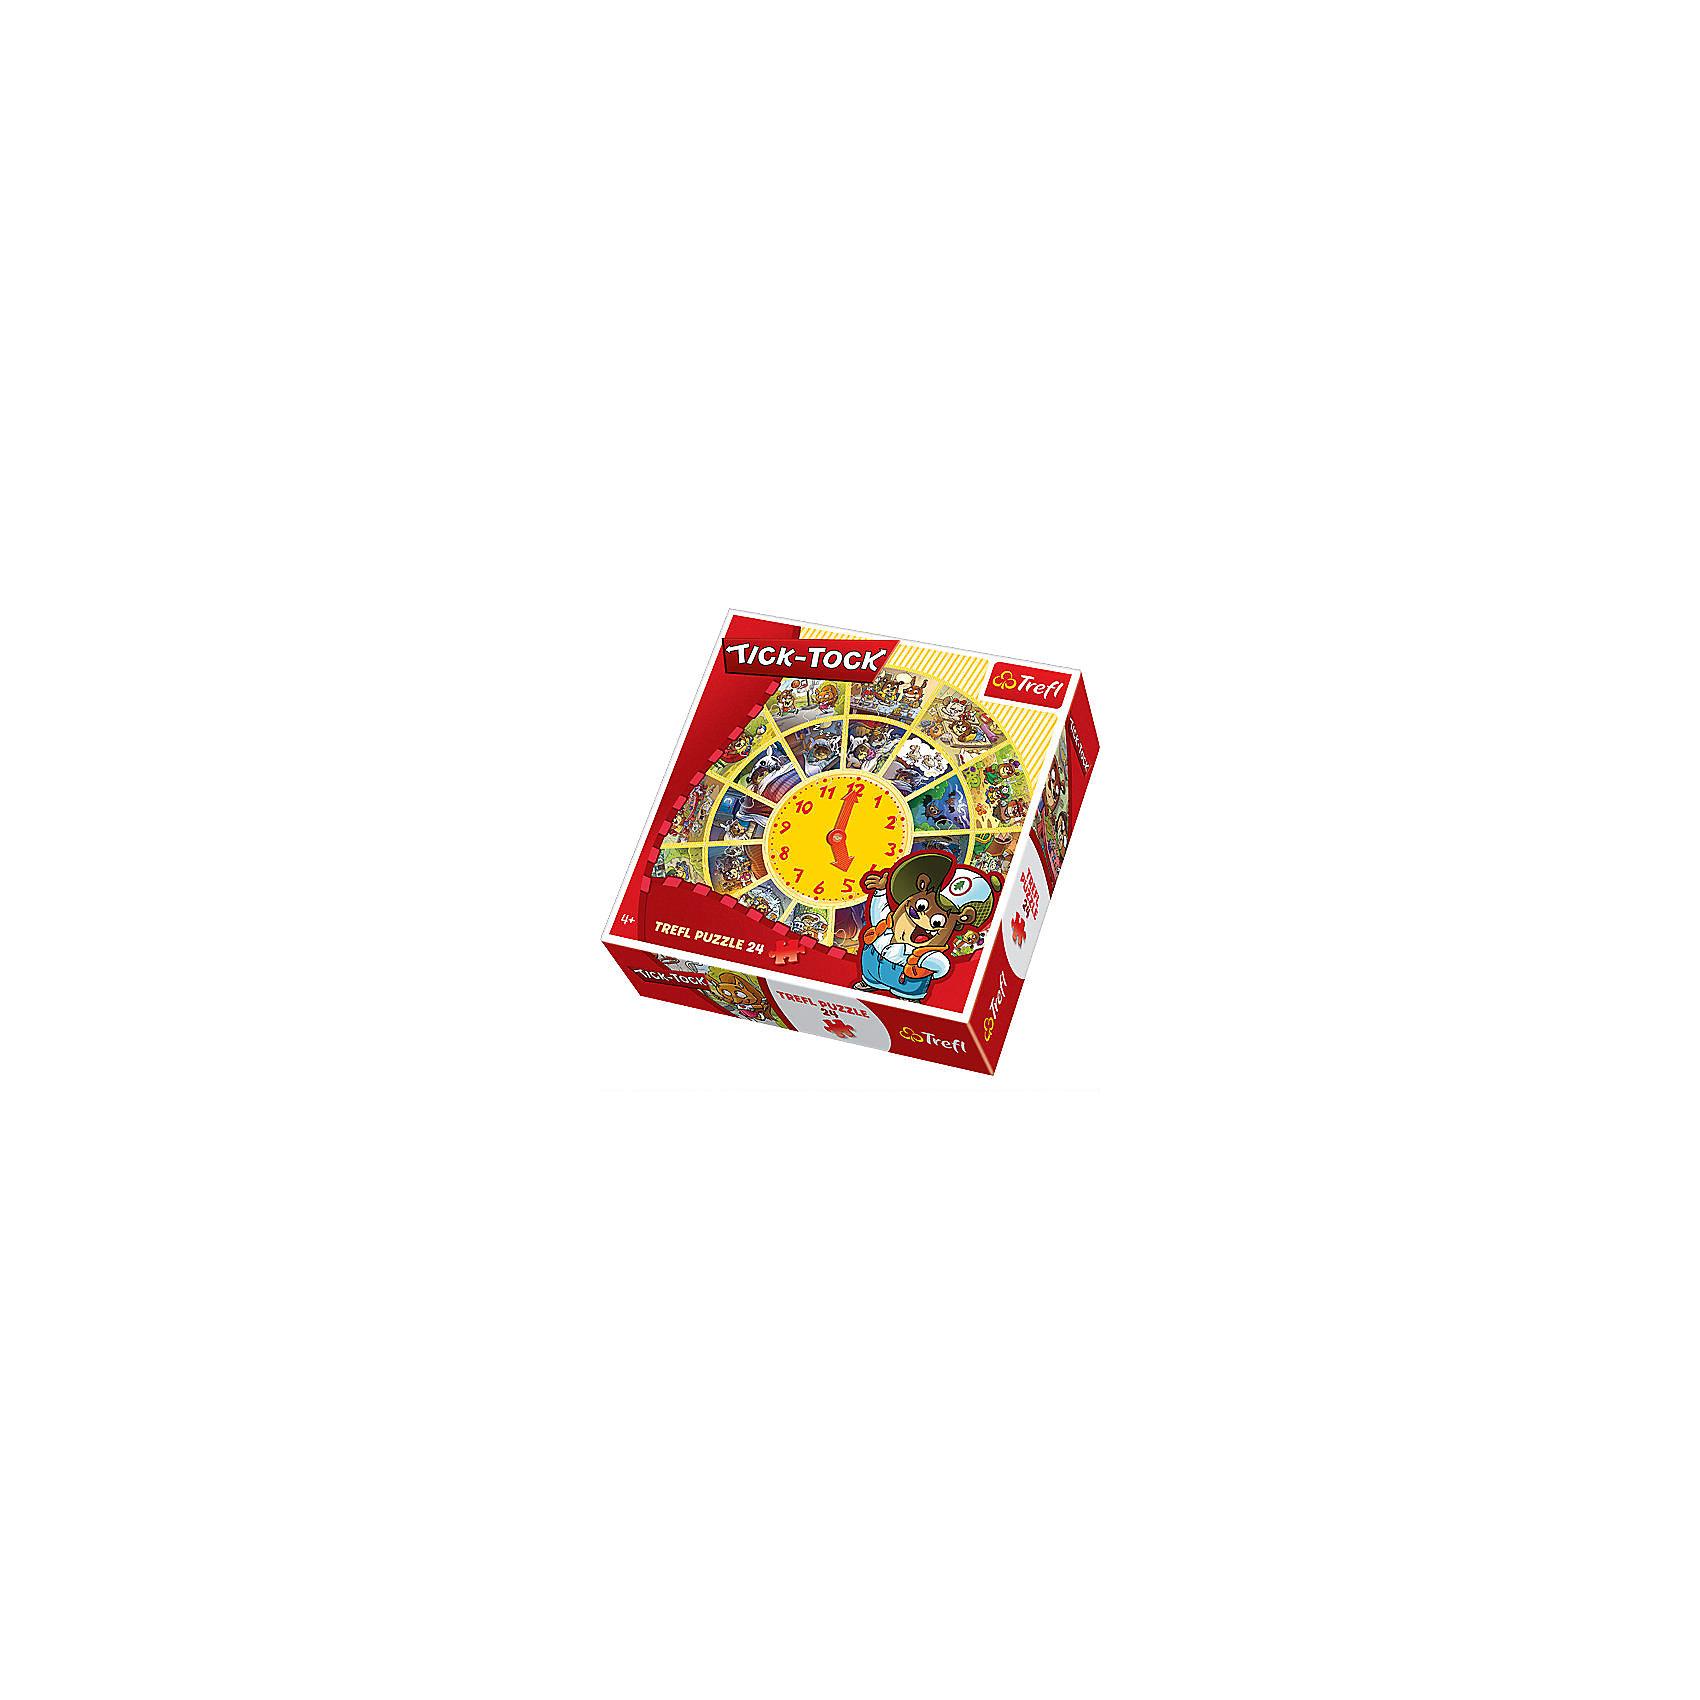 Пазл круглый Тик-так, 24 детали, TreflПазлы для малышей<br>Характеристики товара:<br><br>• возраст от 4 лет;<br>• материал: картон;<br>• в наборе: 24 элемента;<br>• размер упаковки 28х28х6,2 см;<br>• вес упаковки 660 гр.;<br>• страна производитель Польша.<br><br>Пазл круглый «Тик-так» Trefl — развивающий пазл, выполненный в форме часов. Собирая пазл, у ребенка не только развиваются логическое мышление, усидчивость, но он сможет выучить цифры, познакомиться с устройством часов, узнать все о времени и распорядке дня. К каждому часу относится определенное занятие забавного мишки Тедди.<br><br>Пазл круглый «Тик-так» Trefl можно приобрести в нашем интернет-магазине.<br><br>Ширина мм: 280<br>Глубина мм: 280<br>Высота мм: 62<br>Вес г: 660<br>Возраст от месяцев: 48<br>Возраст до месяцев: 2147483647<br>Пол: Унисекс<br>Возраст: Детский<br>SKU: 5578452